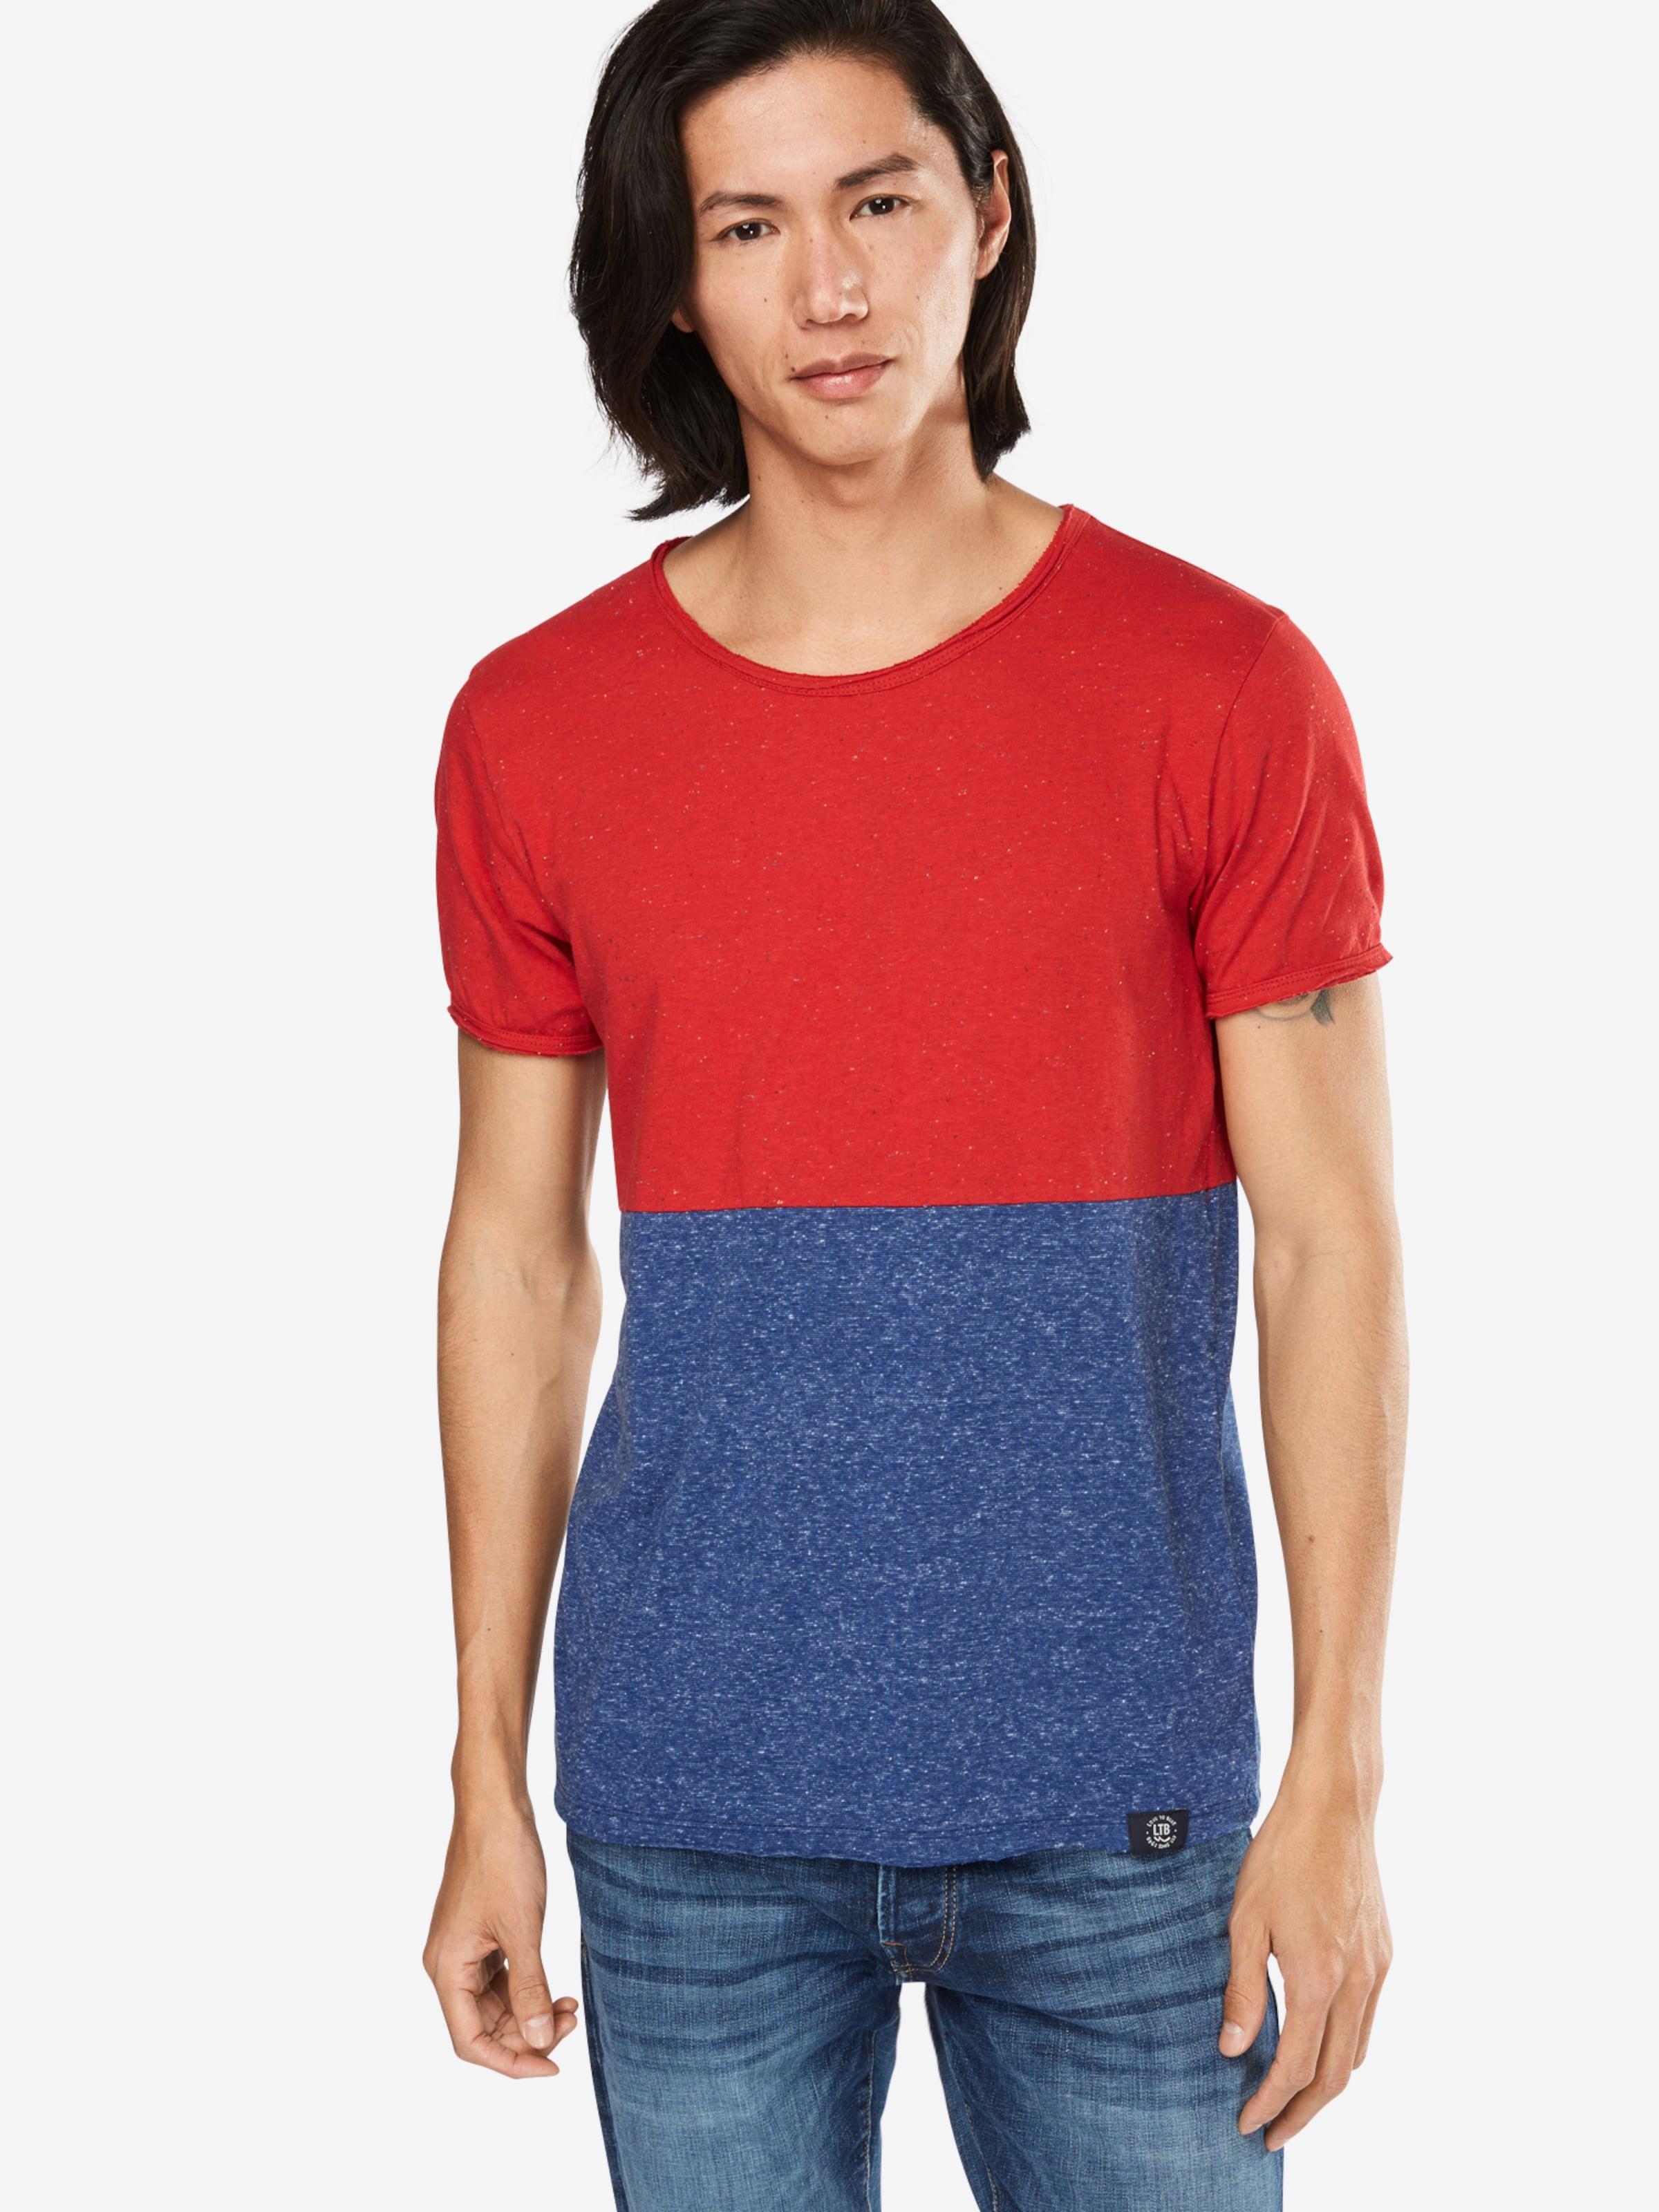 LTB T-Shirt 'JIPAWA T/S' Billig Verkaufen Viele Arten Von Spielraum Top-Qualität Verschleißfestigkeit Wirklich Billig Online 6vOVGjv